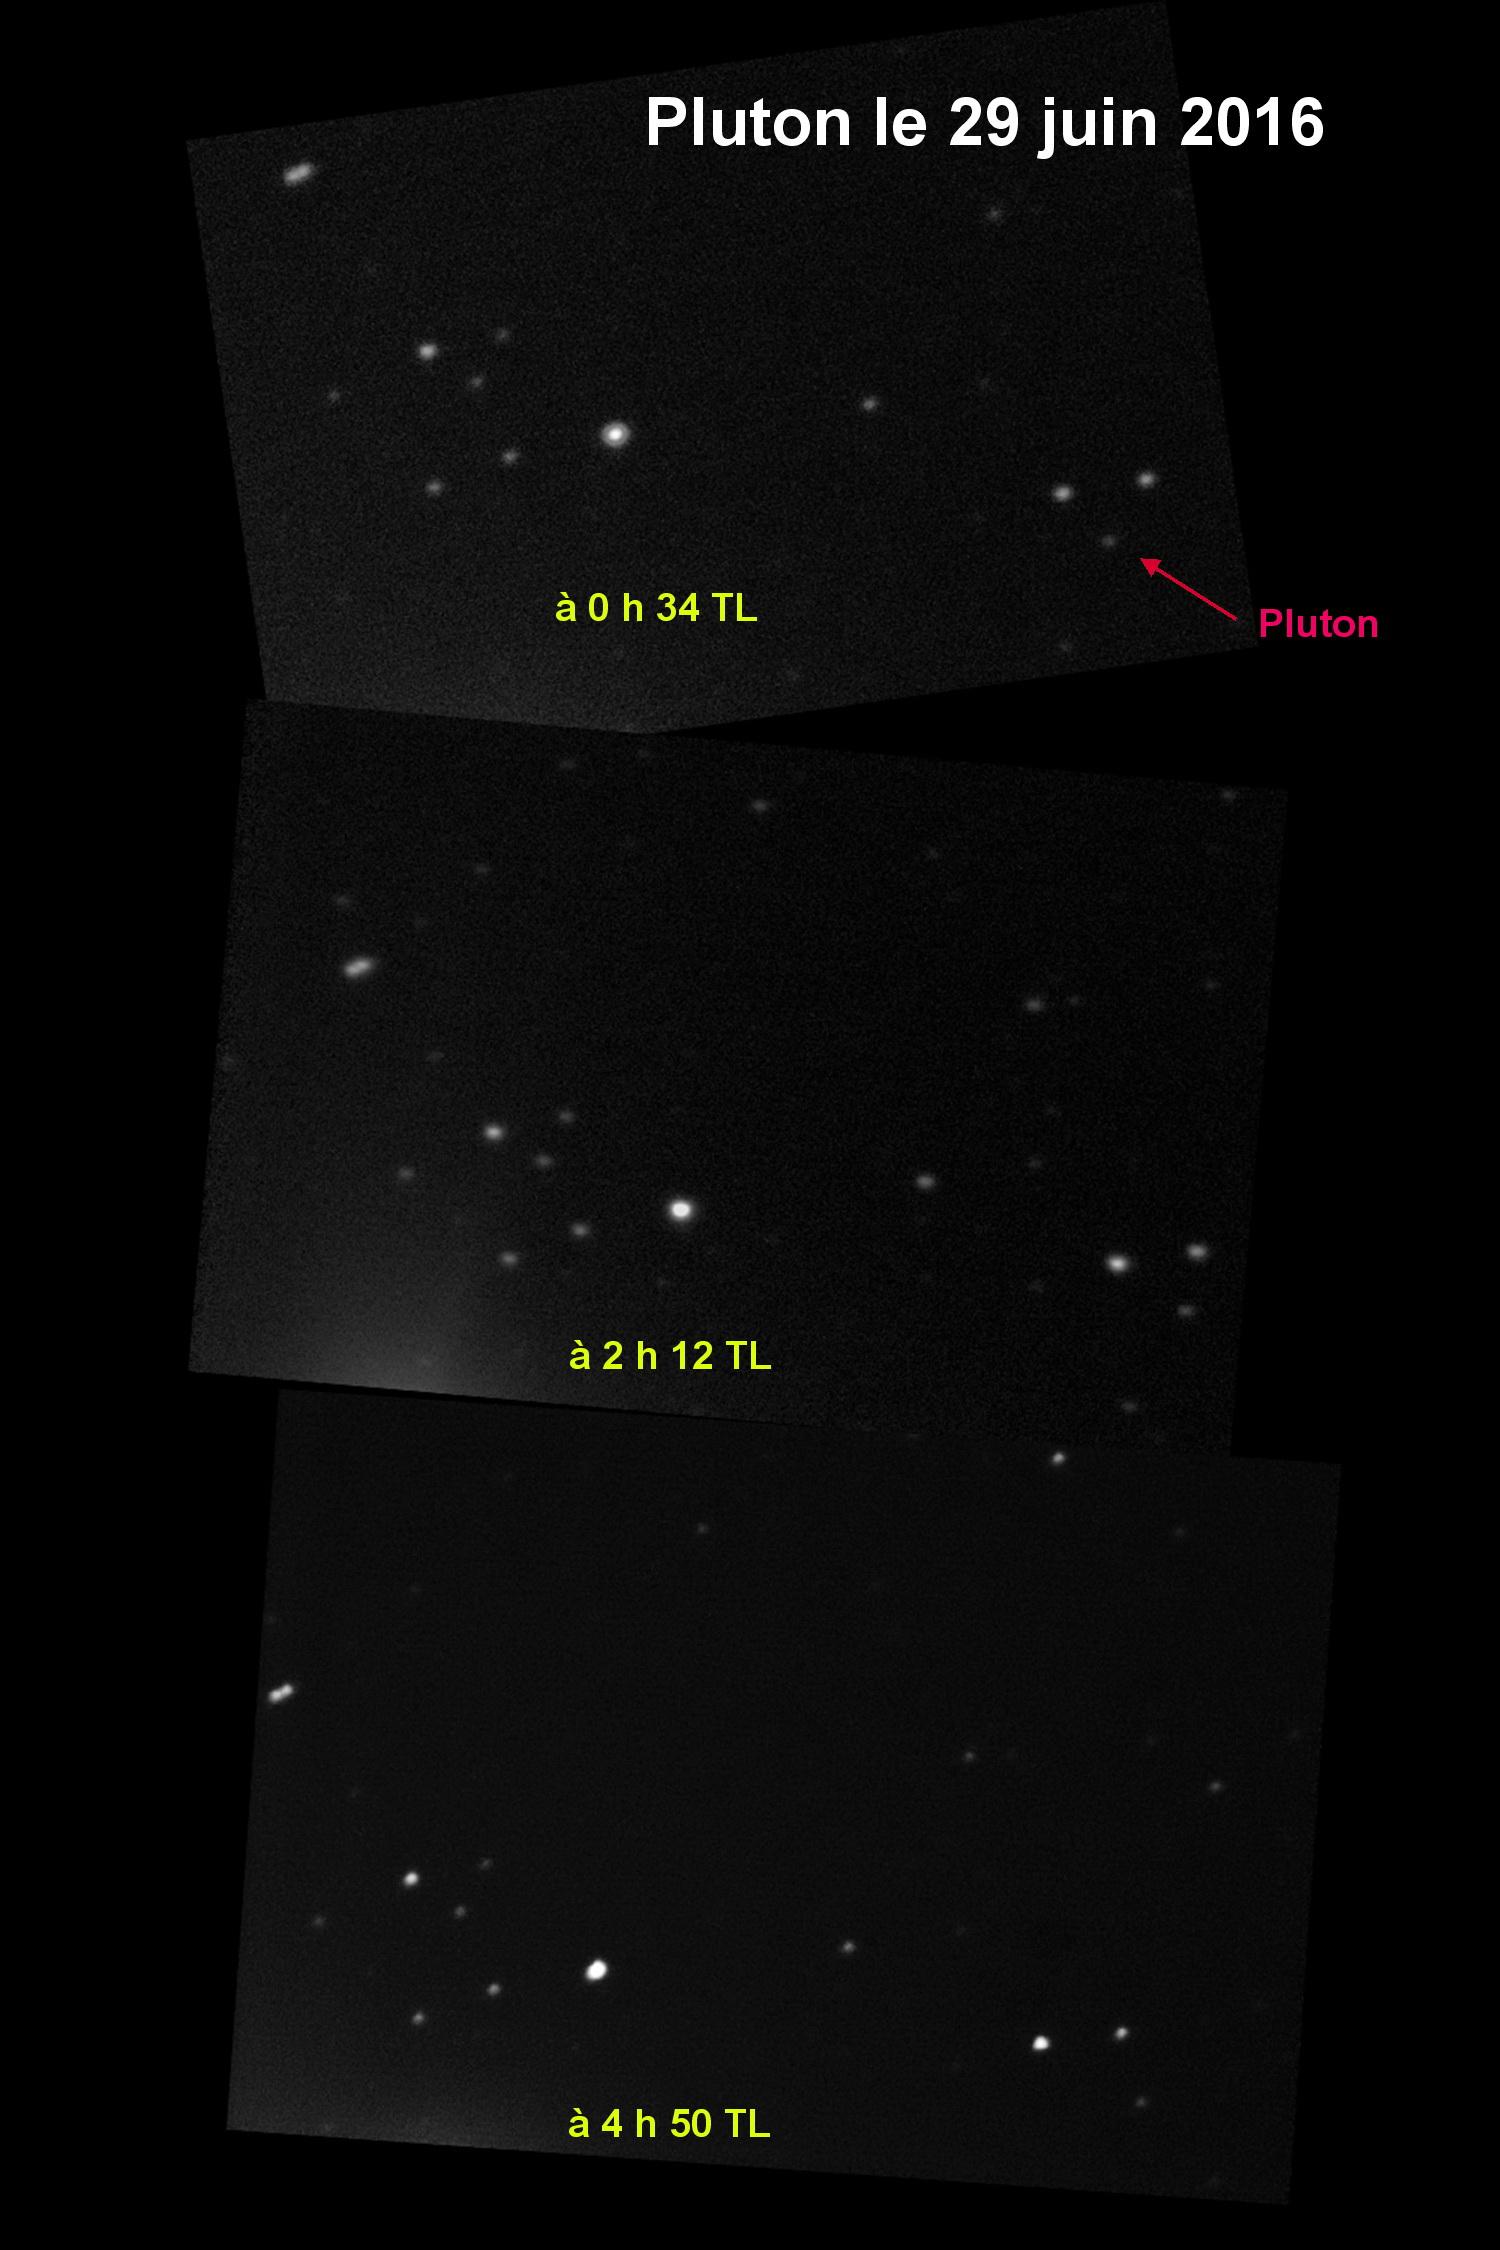 31-Pluton le 29 juin 2016